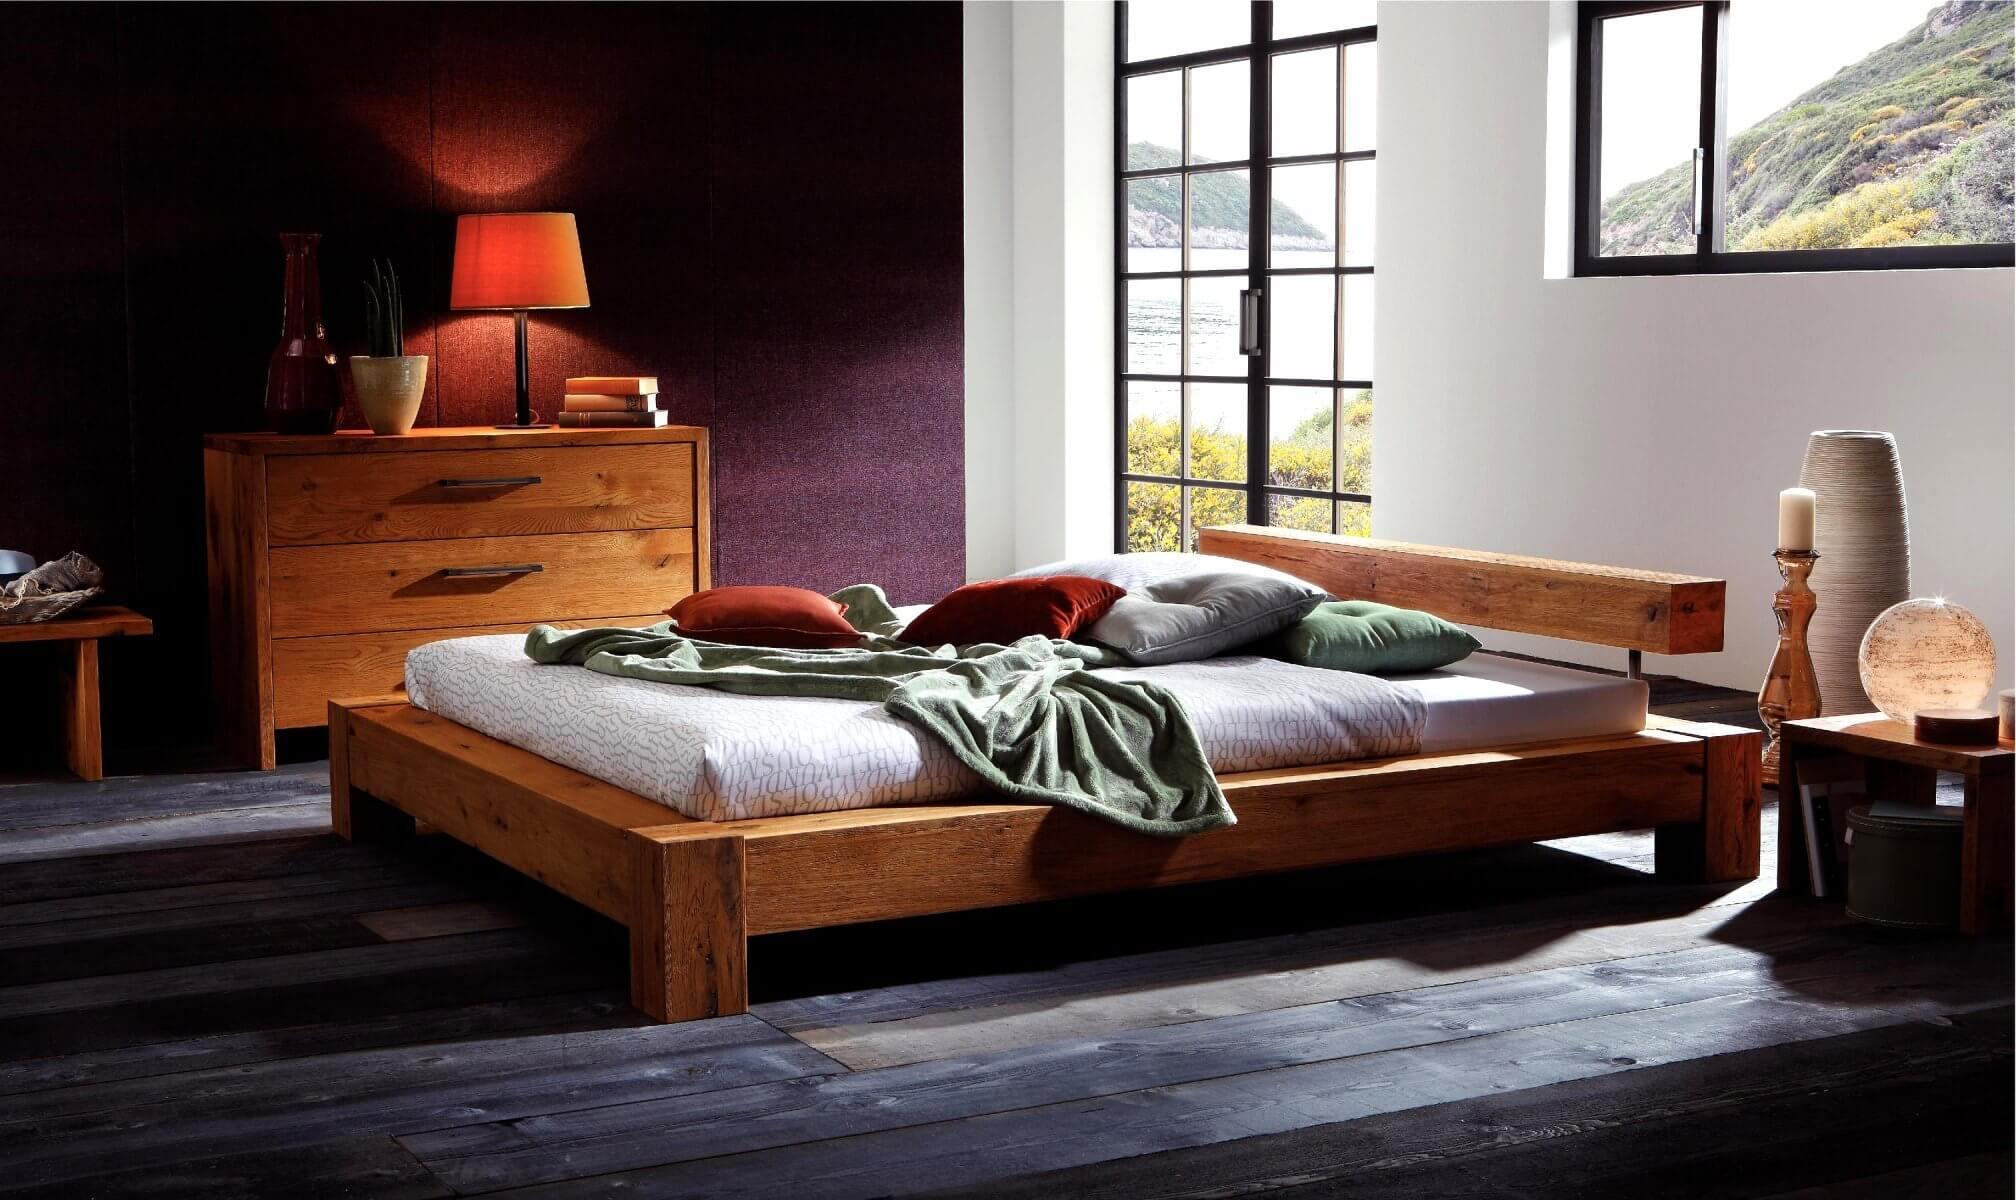 Full Size of Hasena Betten Woodline Bett Hasina Konfigurator Schweiz Erfahrung Kaufen Oak Line Erfahrungen Wild Bormio Kopfteil Balco Anthon Für übergewichtige Ebay Bett Hasena Betten